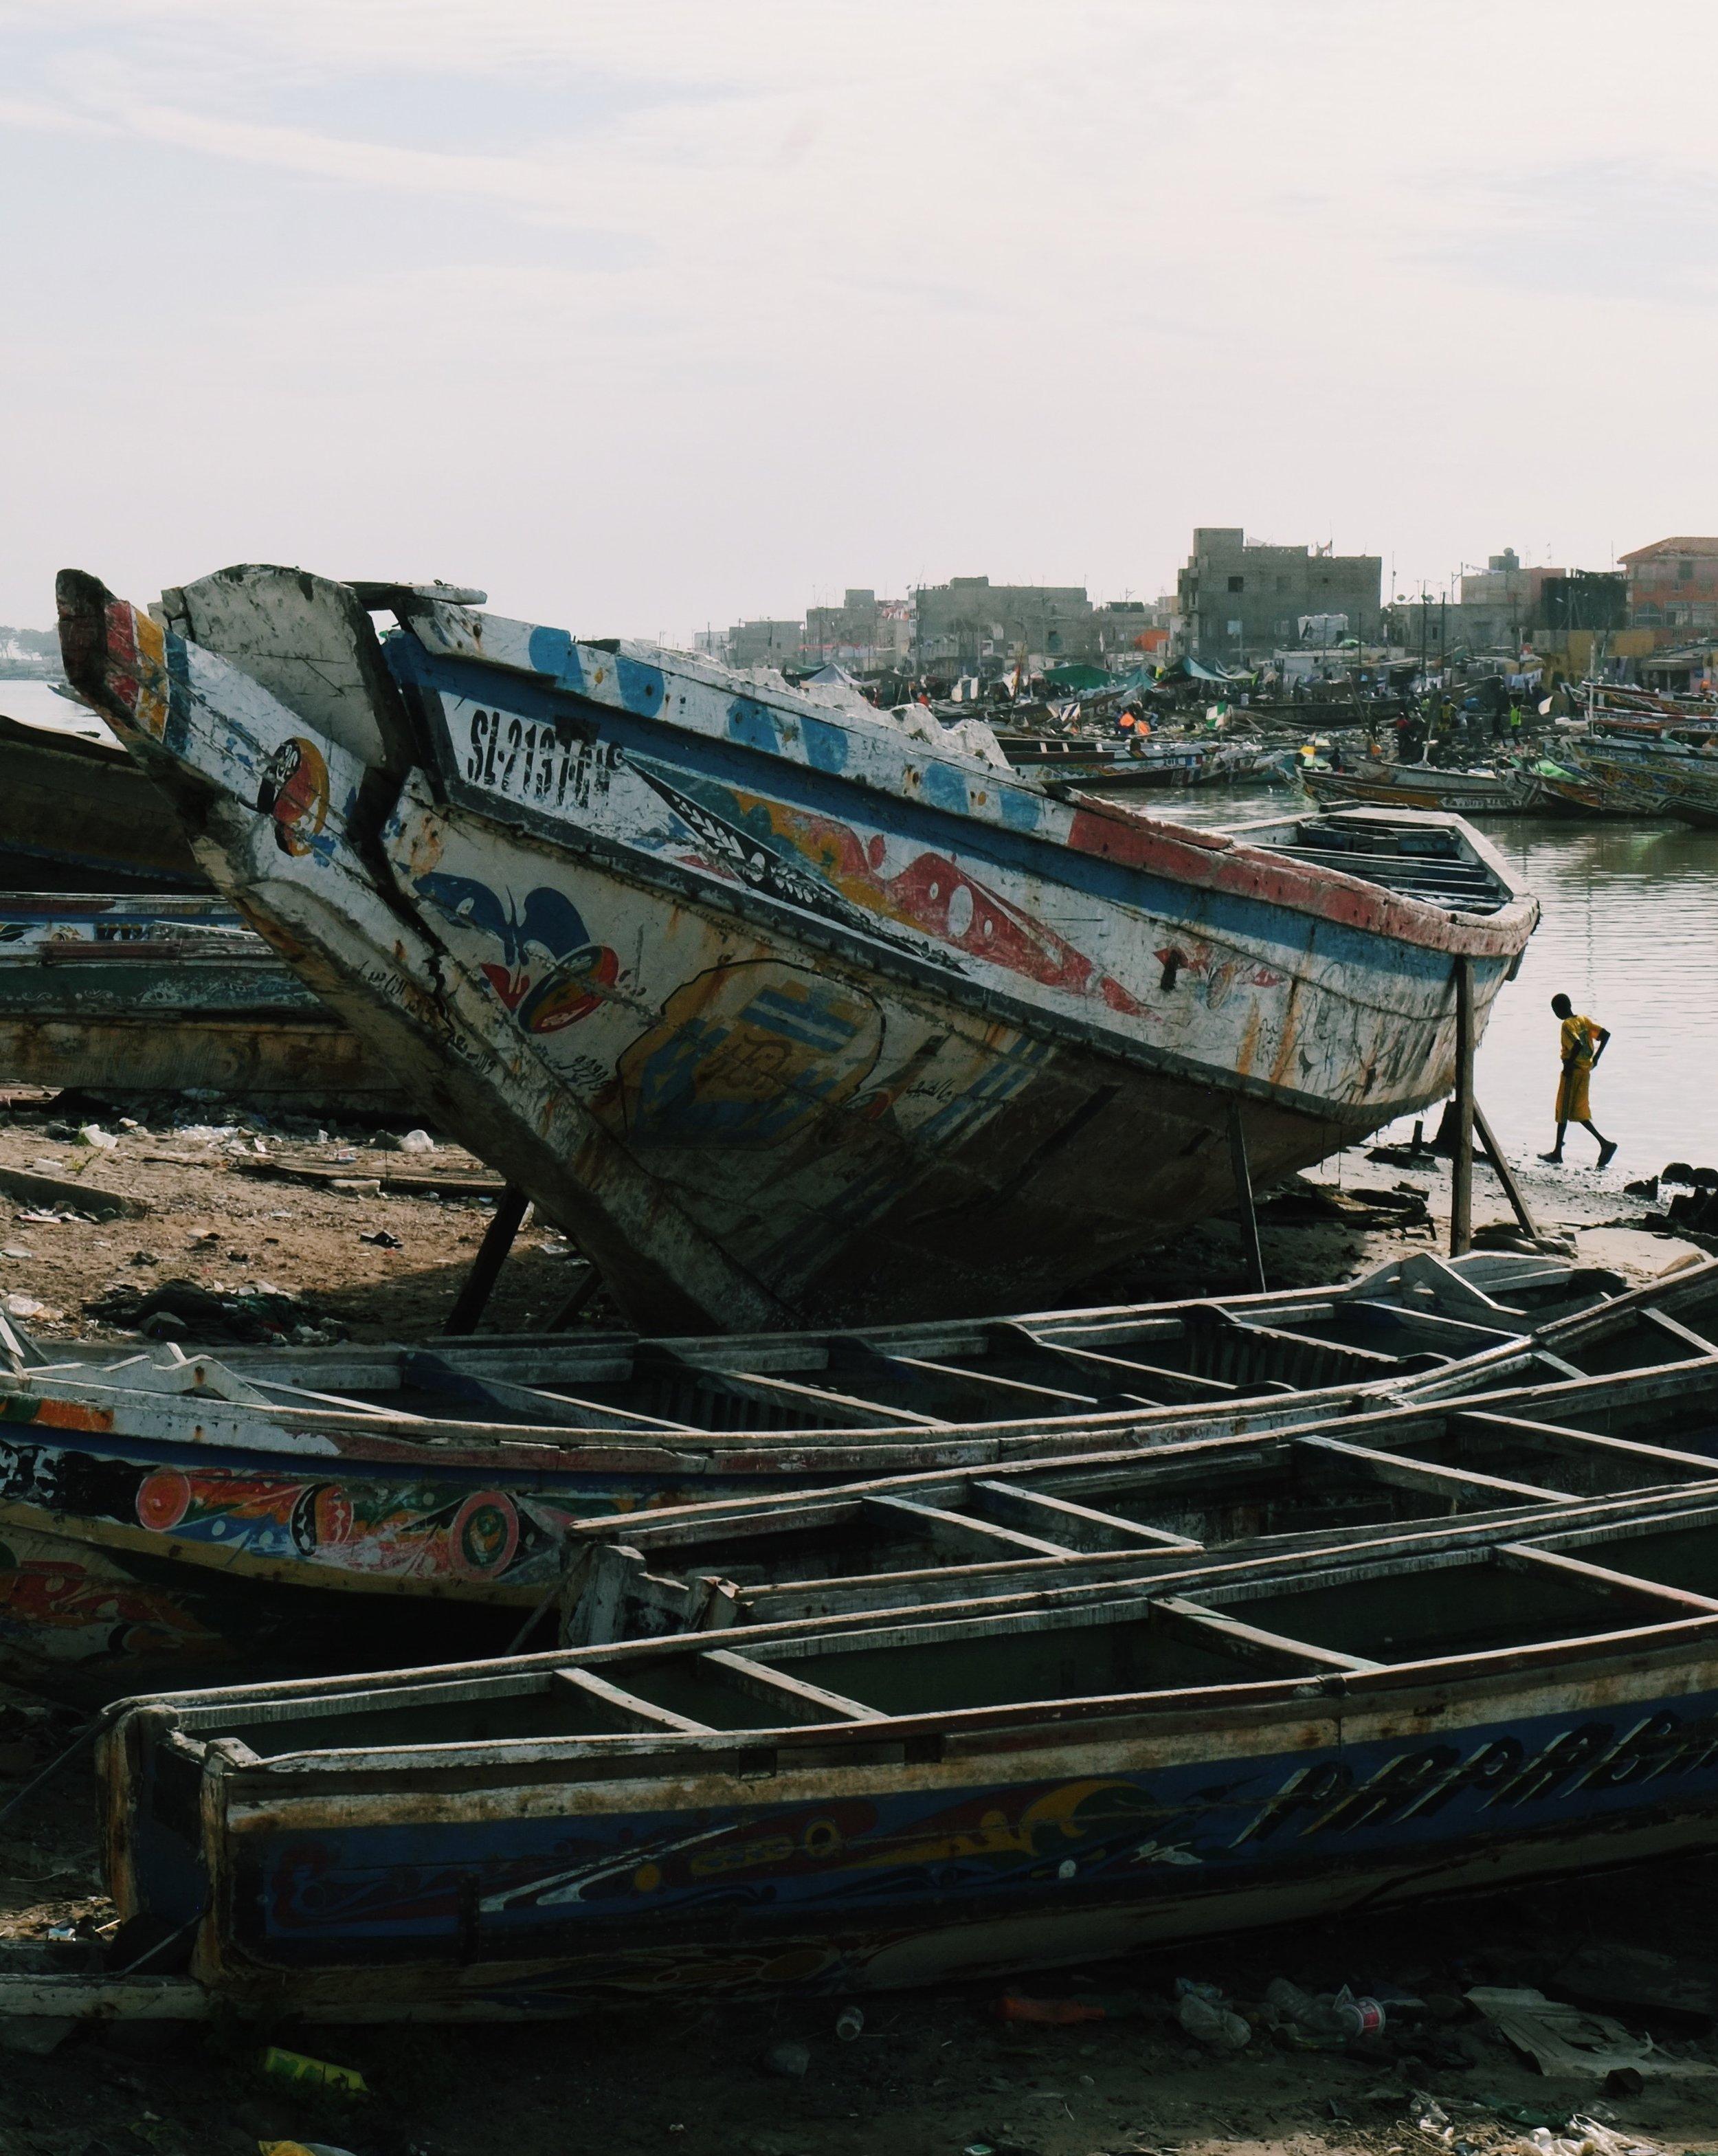 Saint-Louis boats in Senegal by Joost Bastmeijer.jpeg